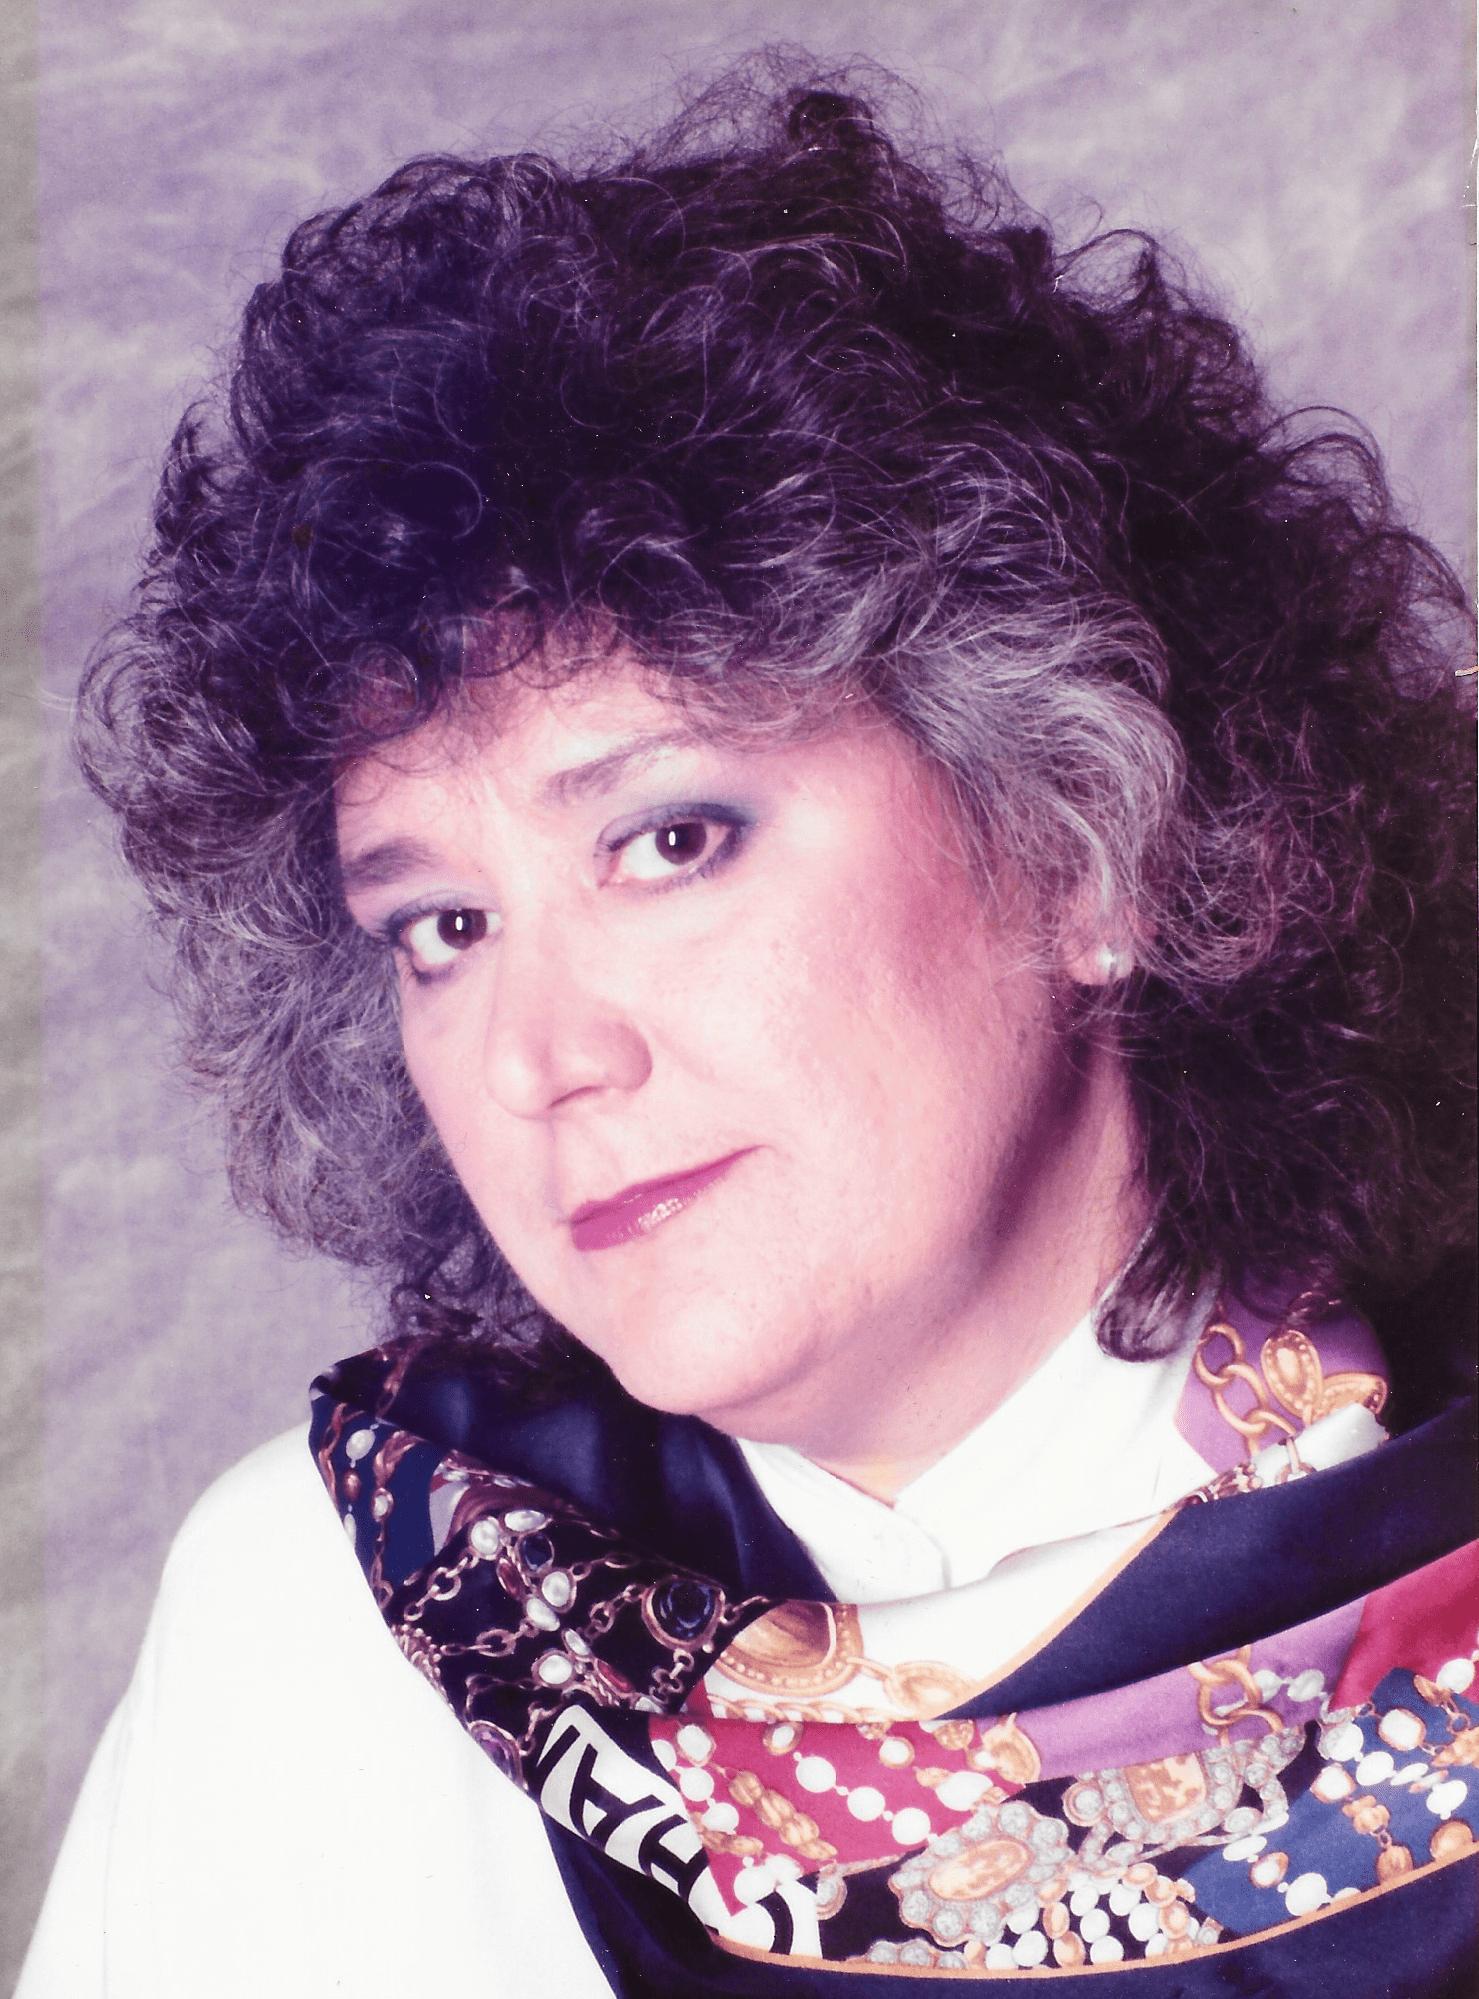 Claire M. Lee